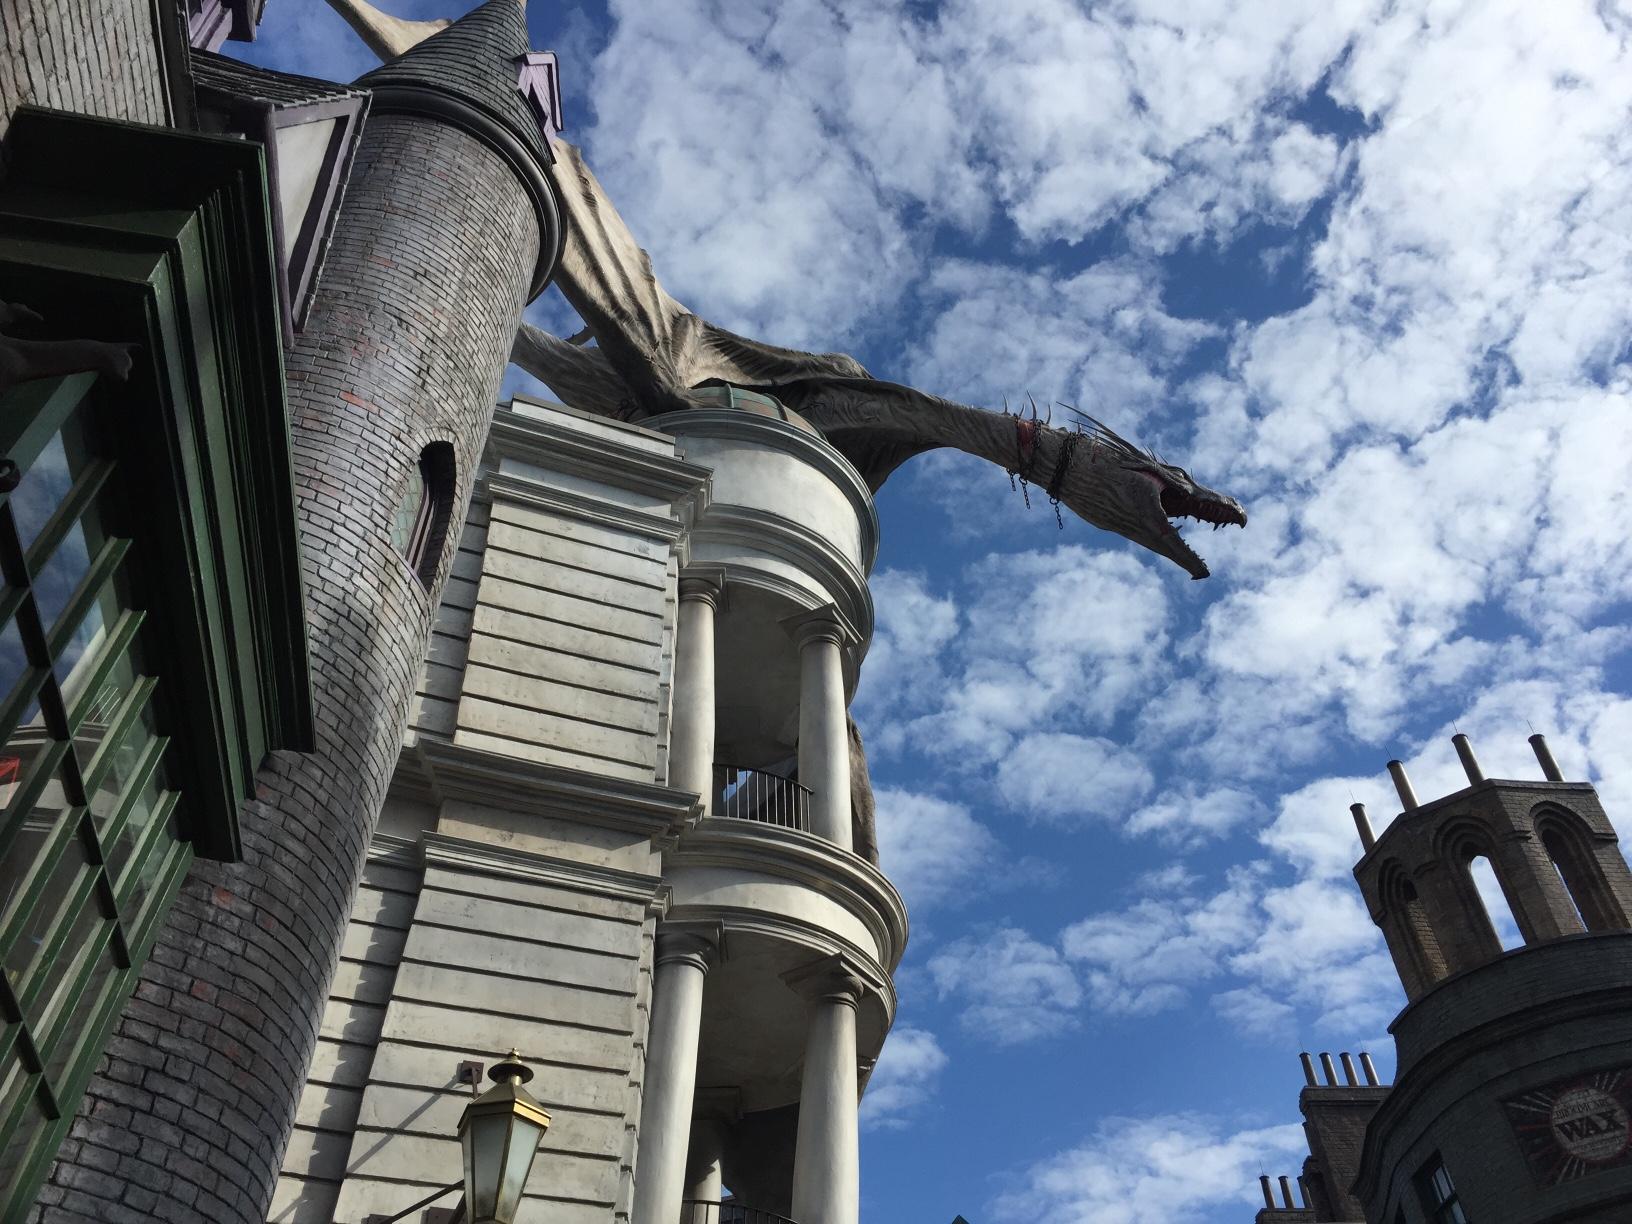 Dragon at Daigon Alley